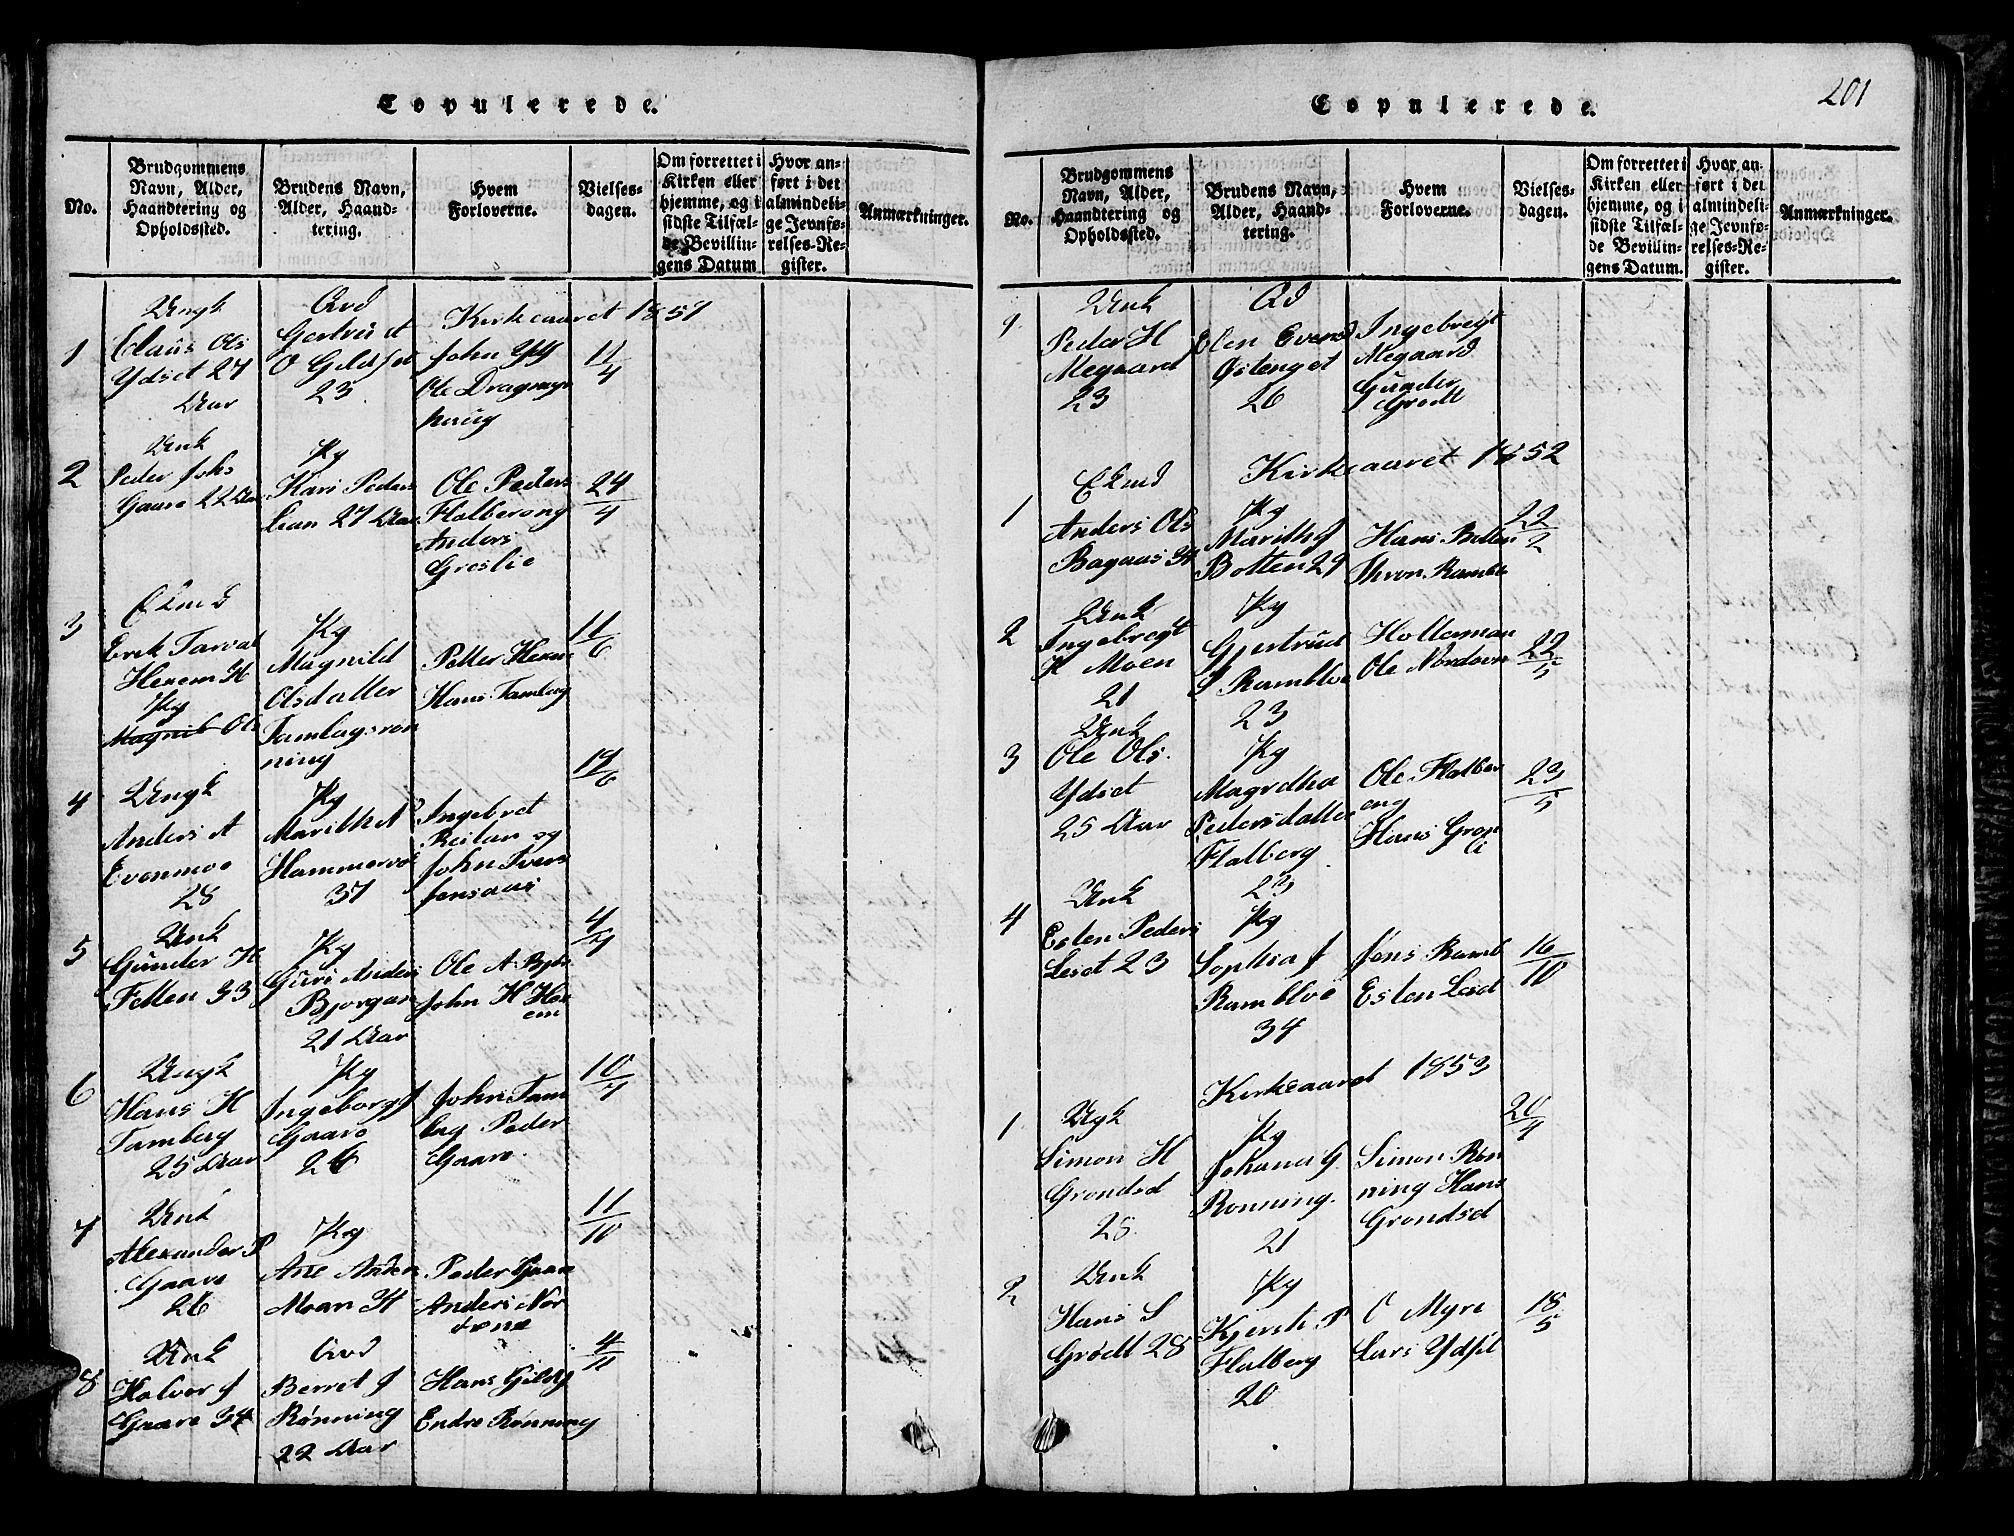 SAT, Ministerialprotokoller, klokkerbøker og fødselsregistre - Sør-Trøndelag, 685/L0976: Klokkerbok nr. 685C01, 1817-1878, s. 201